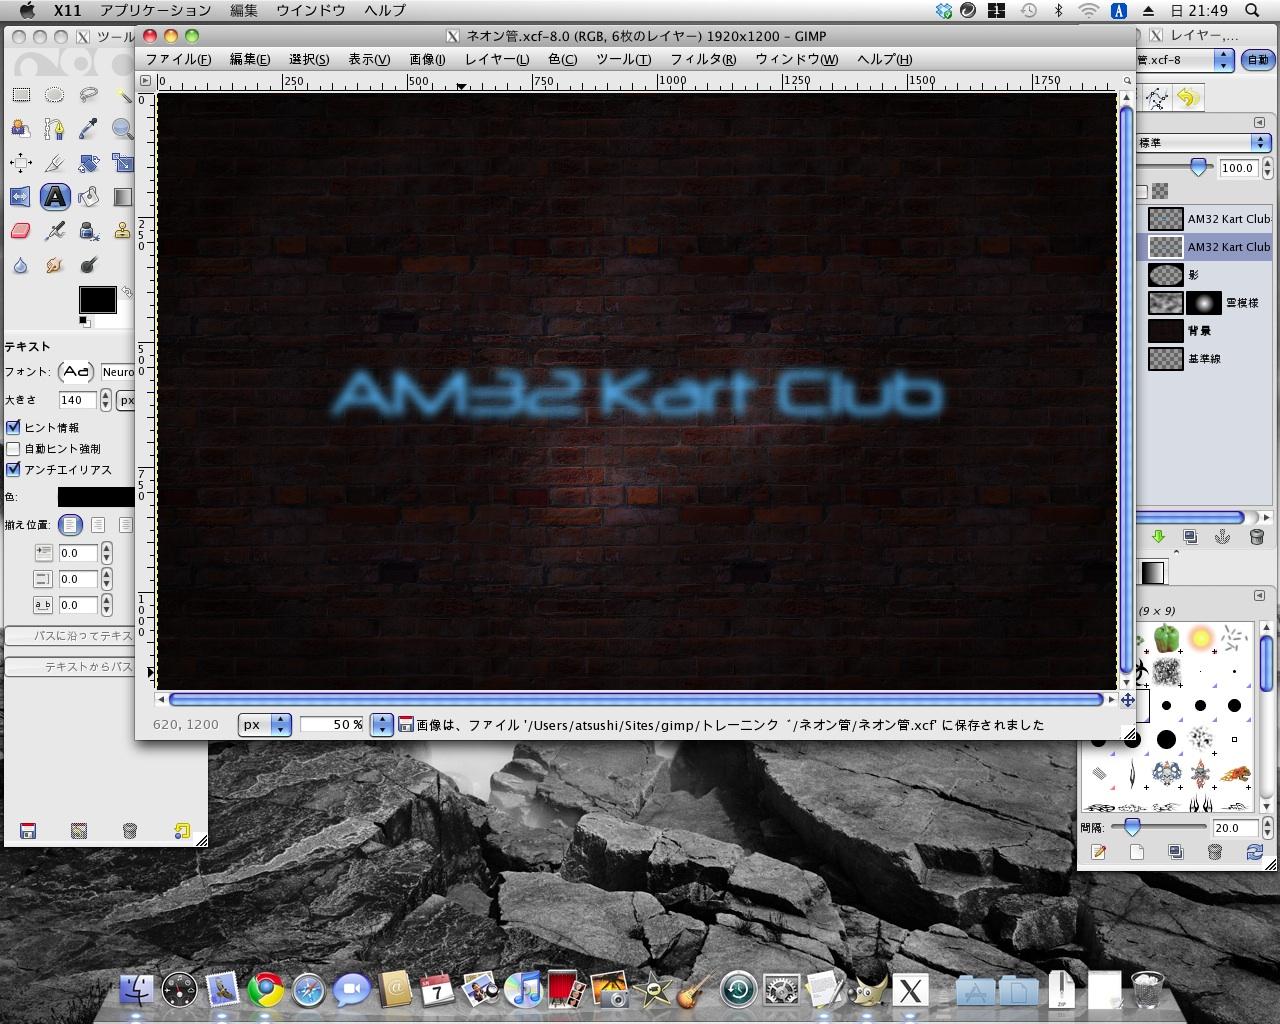 20100307_AKC-neon-logo_05.jpg